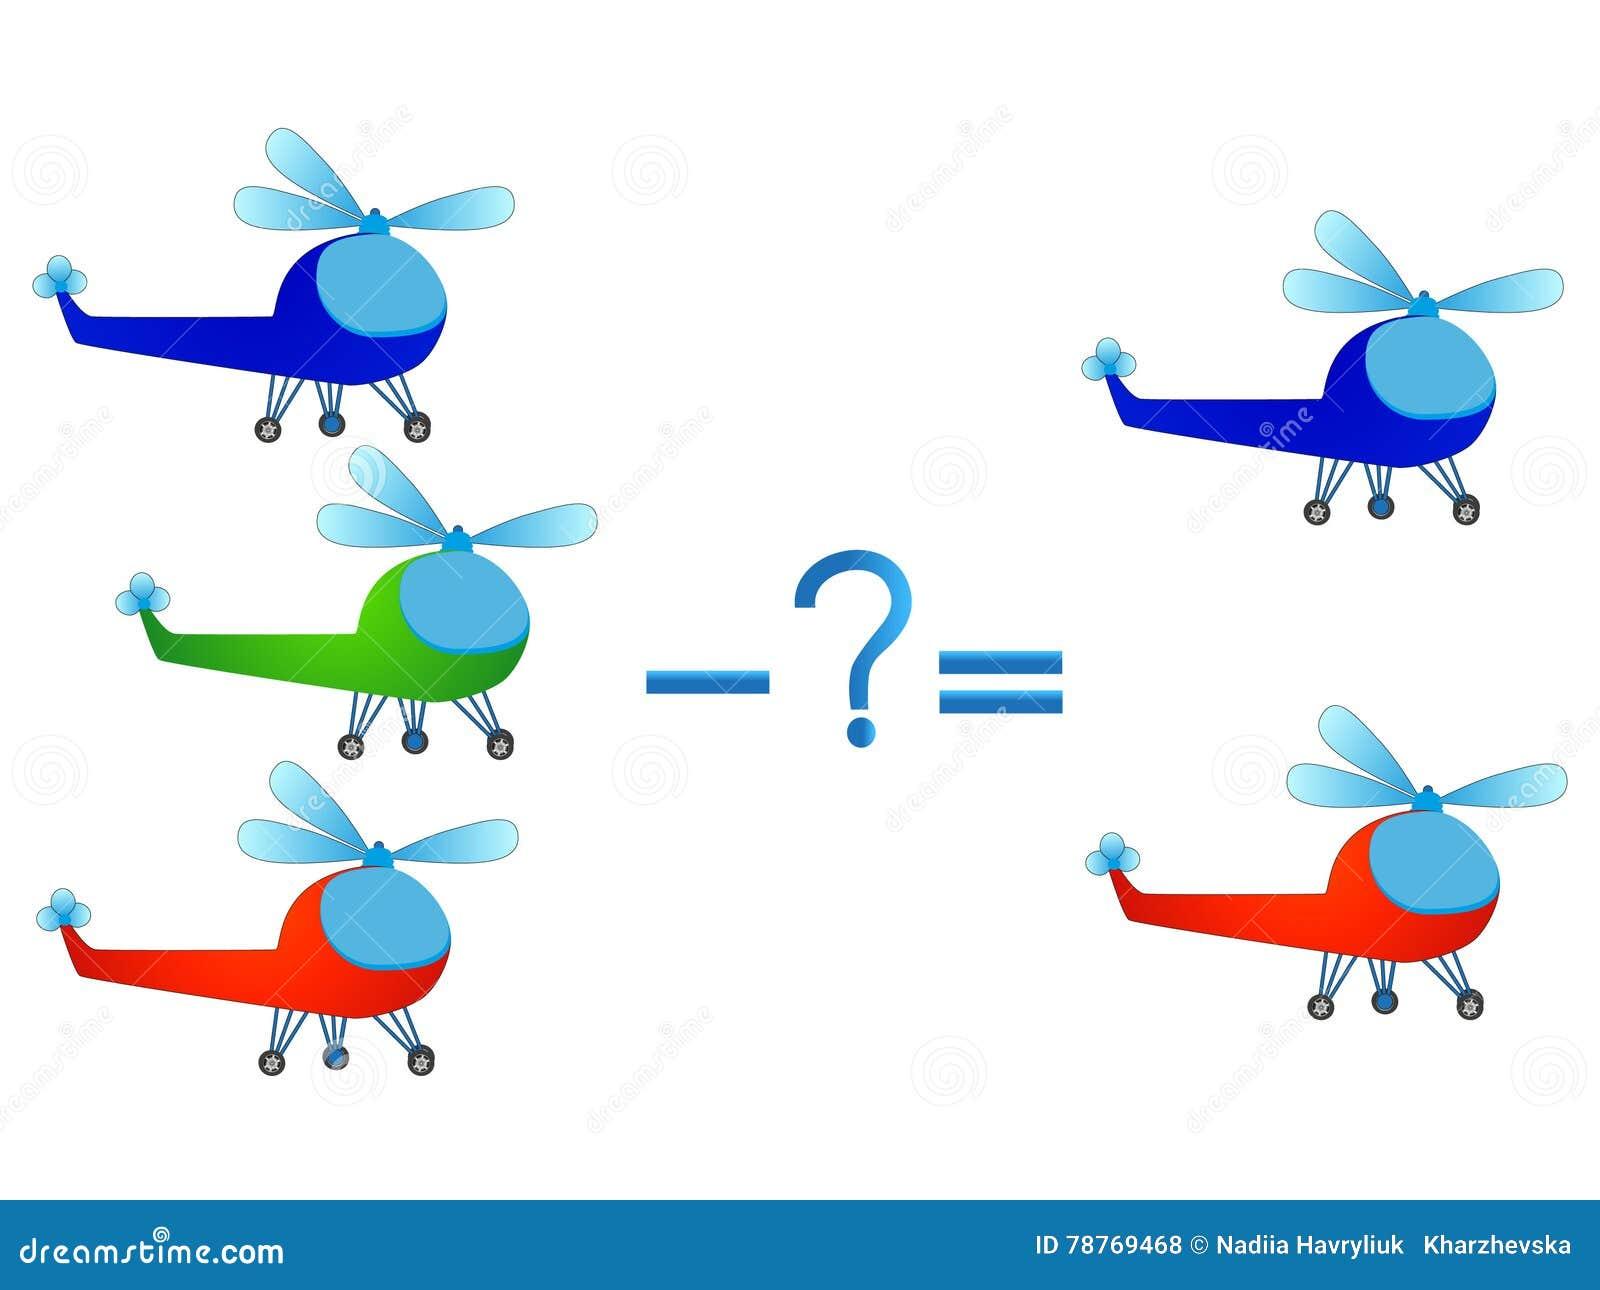 Lernspiel Für Kinder, Illustration Des Mathematischen Abzugs ...